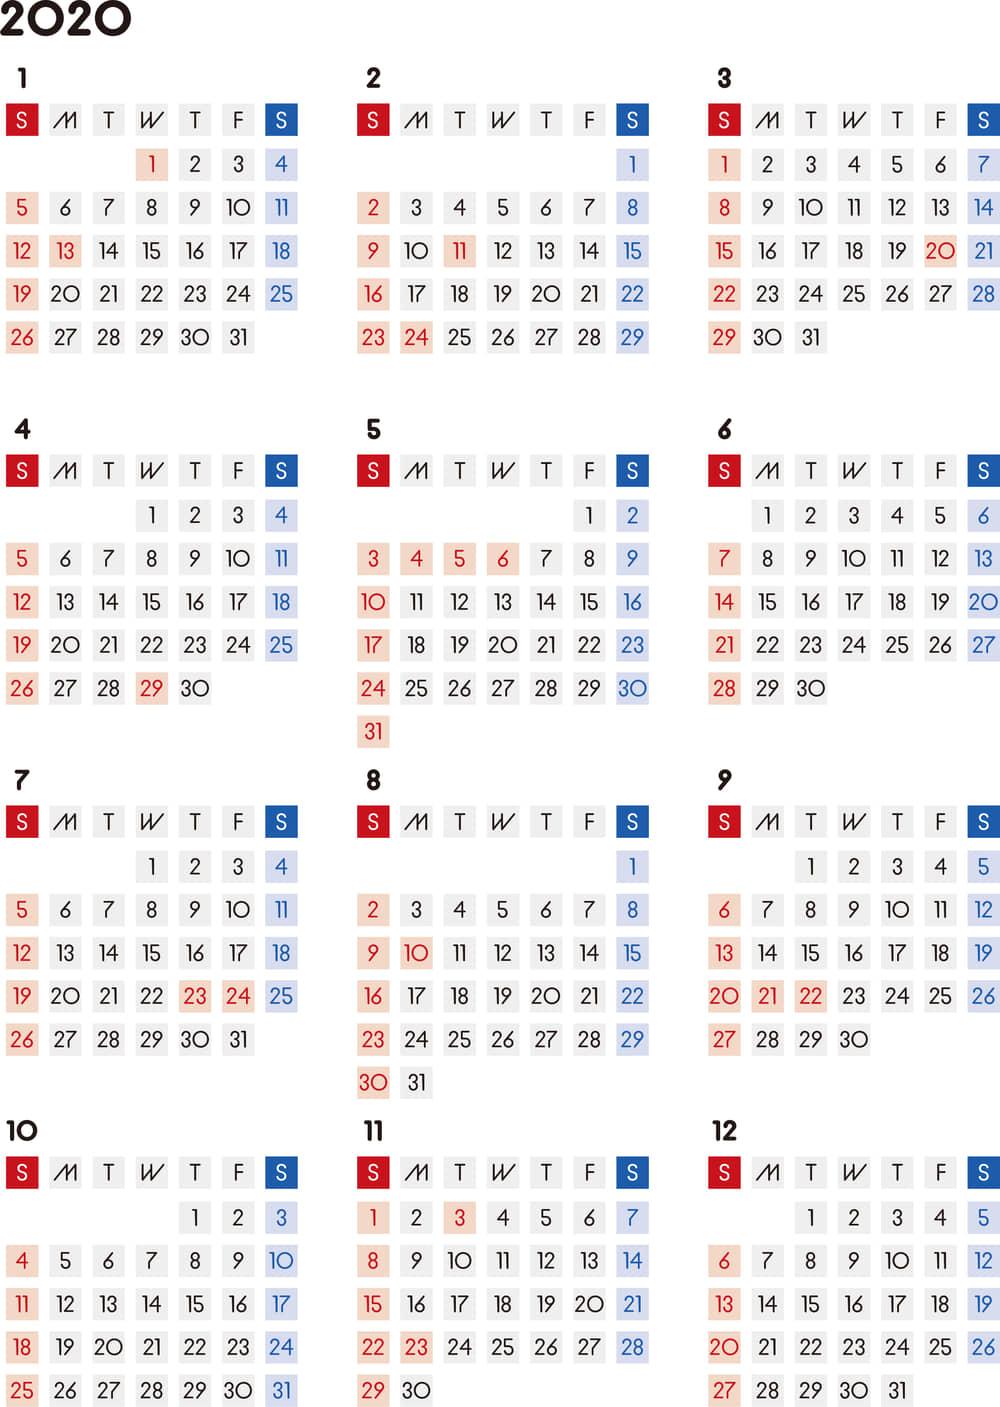 カレンダー 2020 無料|シンプルなカレンダー A4 四角バージョン(日曜始まり)